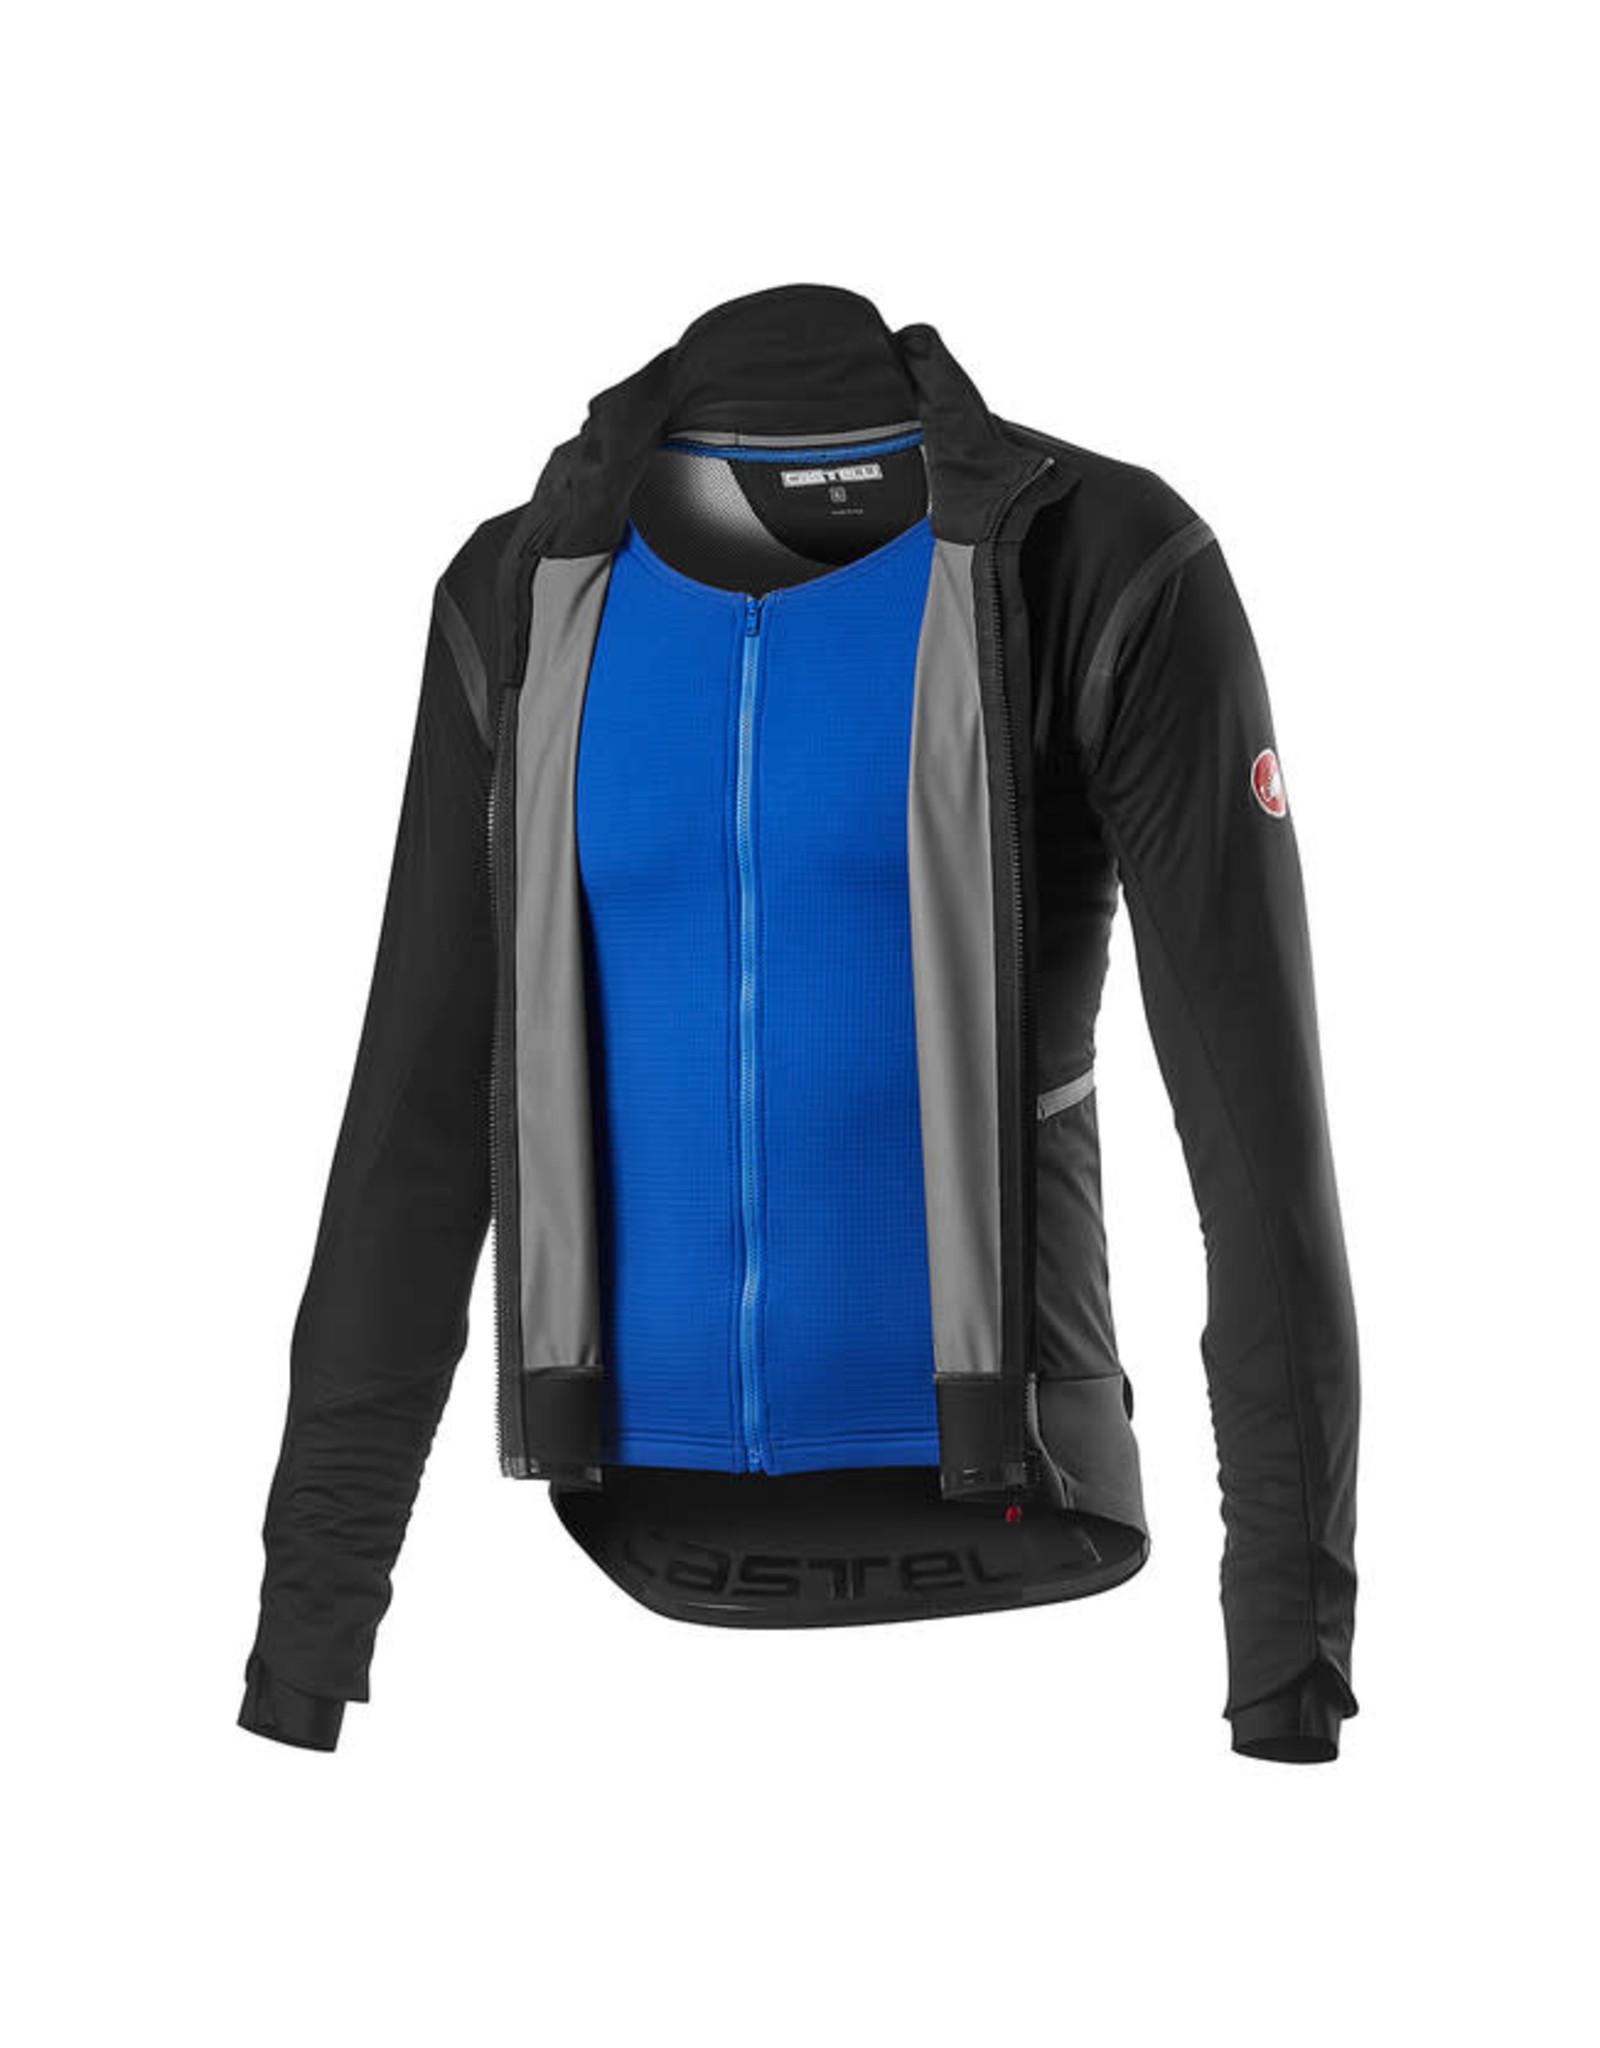 Castelli '21, CASTELLI, Alpha Ros 2 Jacket